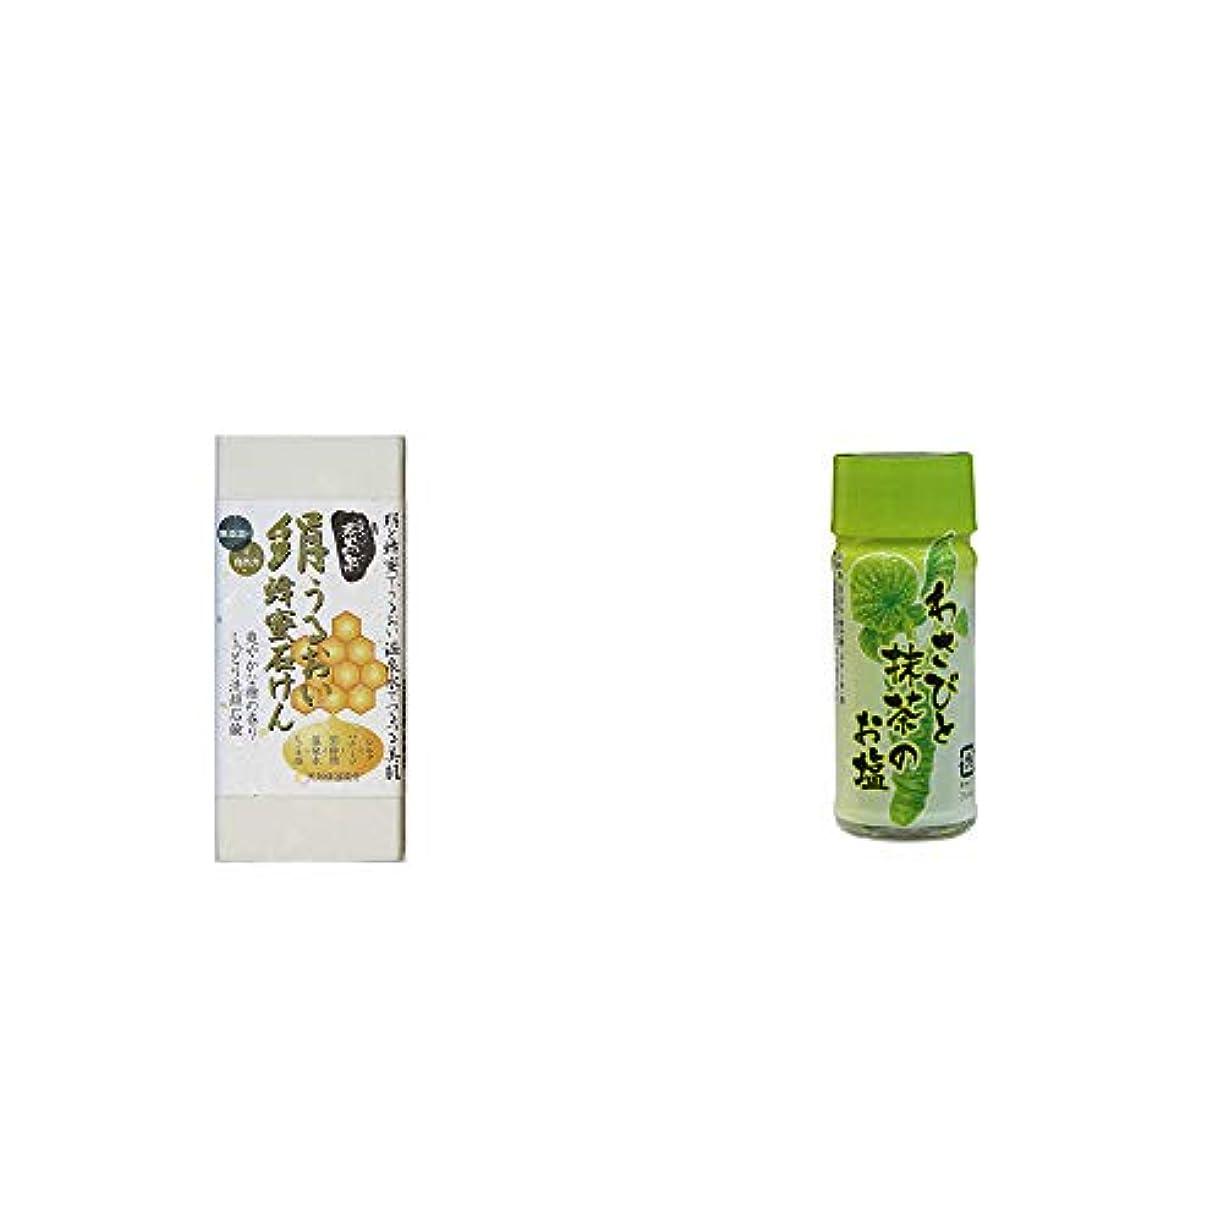 空気慢な慎重[2点セット] ひのき炭黒泉 絹うるおい蜂蜜石けん(75g×2)?わさびと抹茶のお塩(30g)